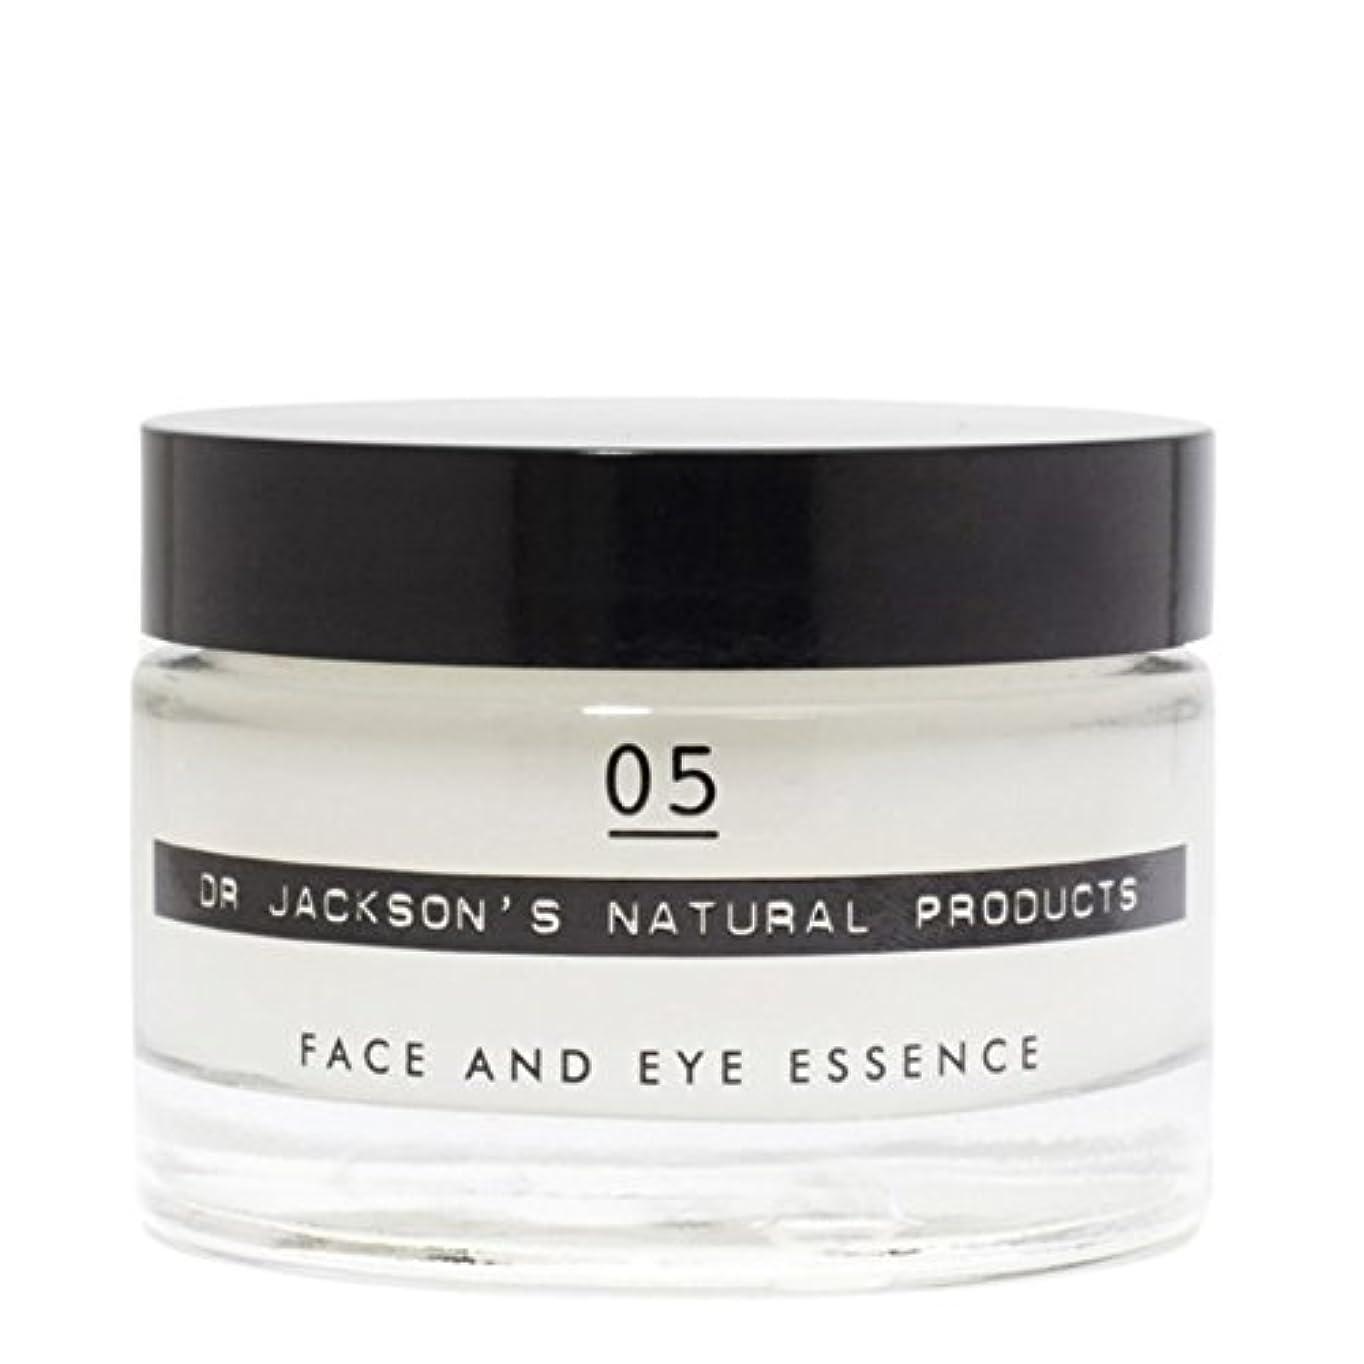 顎レモン視線Dr Jackson's 05 Face and Eye Essence 50ml - ジャクソンの05顔や目の本質50ミリリットル [並行輸入品]